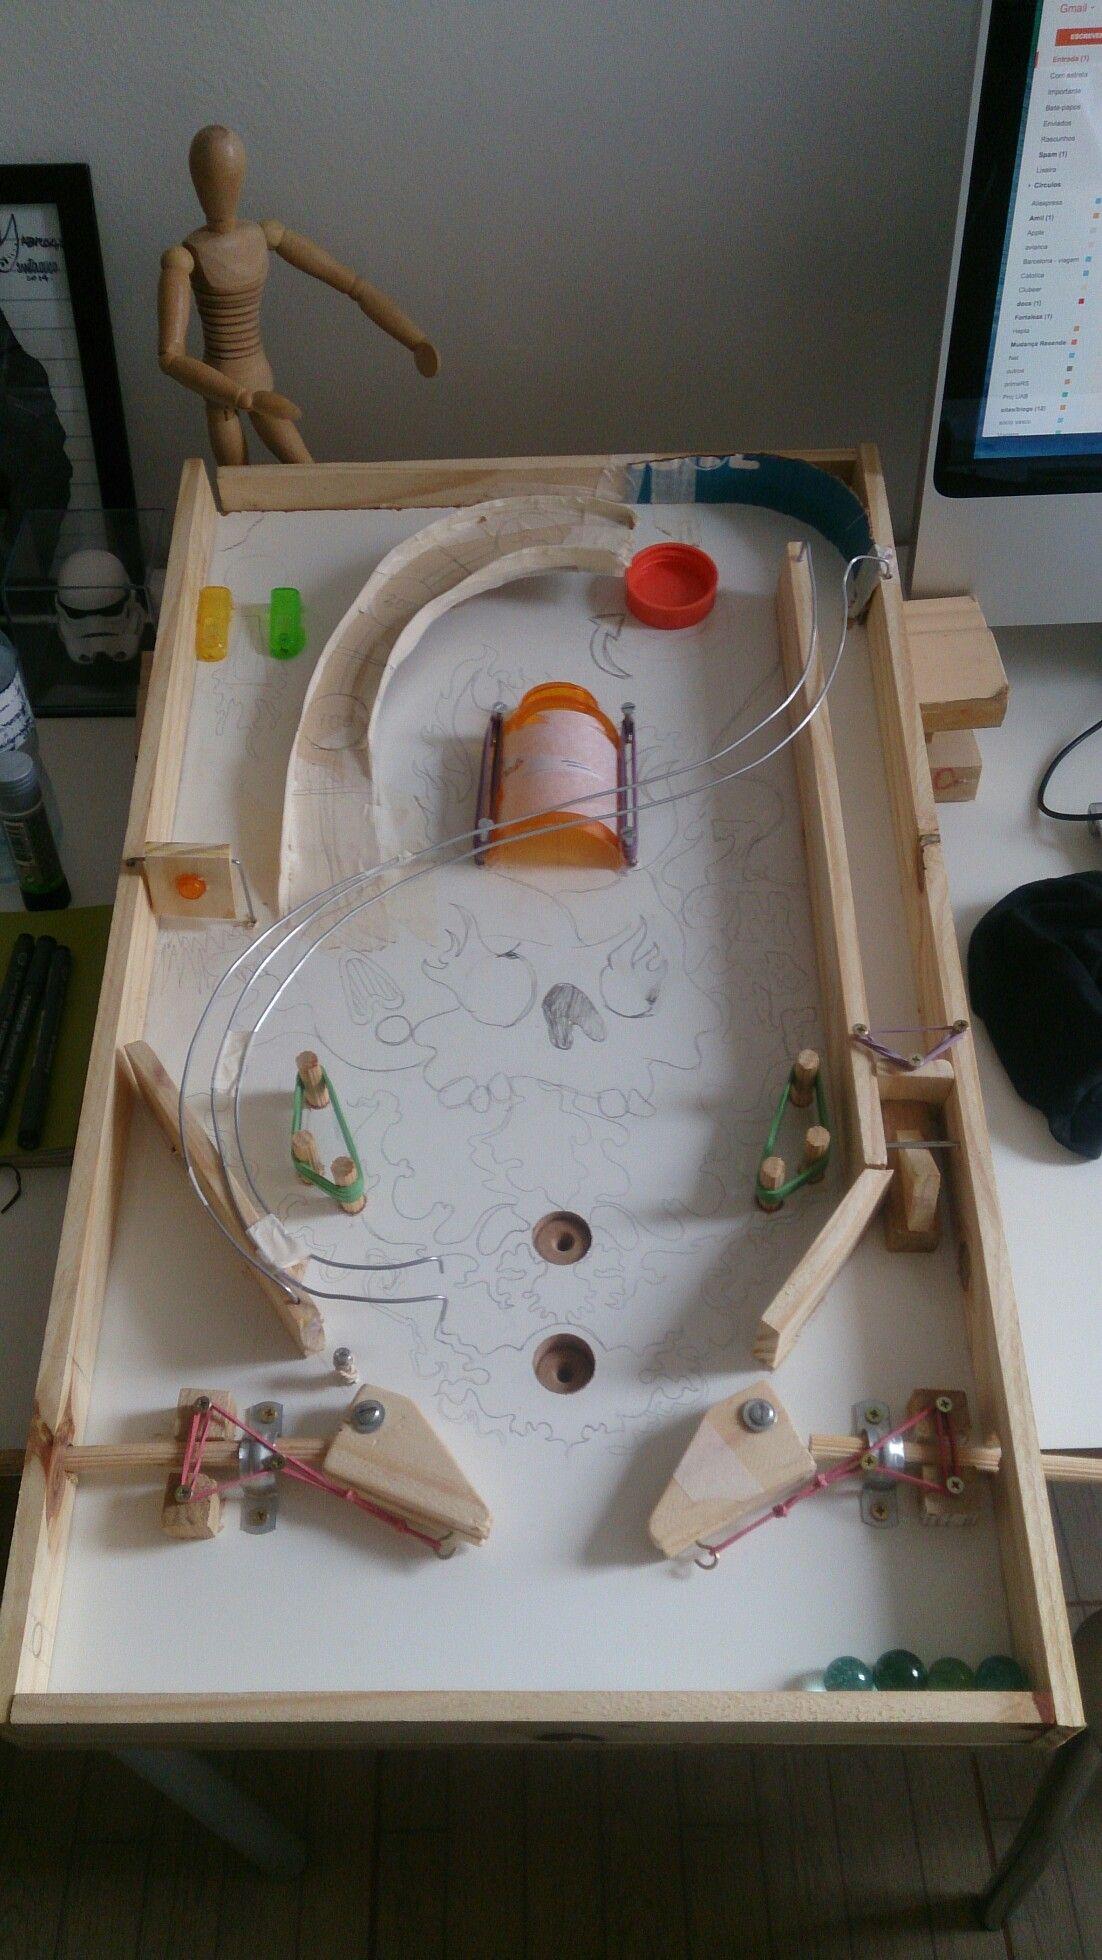 Homemade Pinball Machine Diy Pinball Homemade Arcade